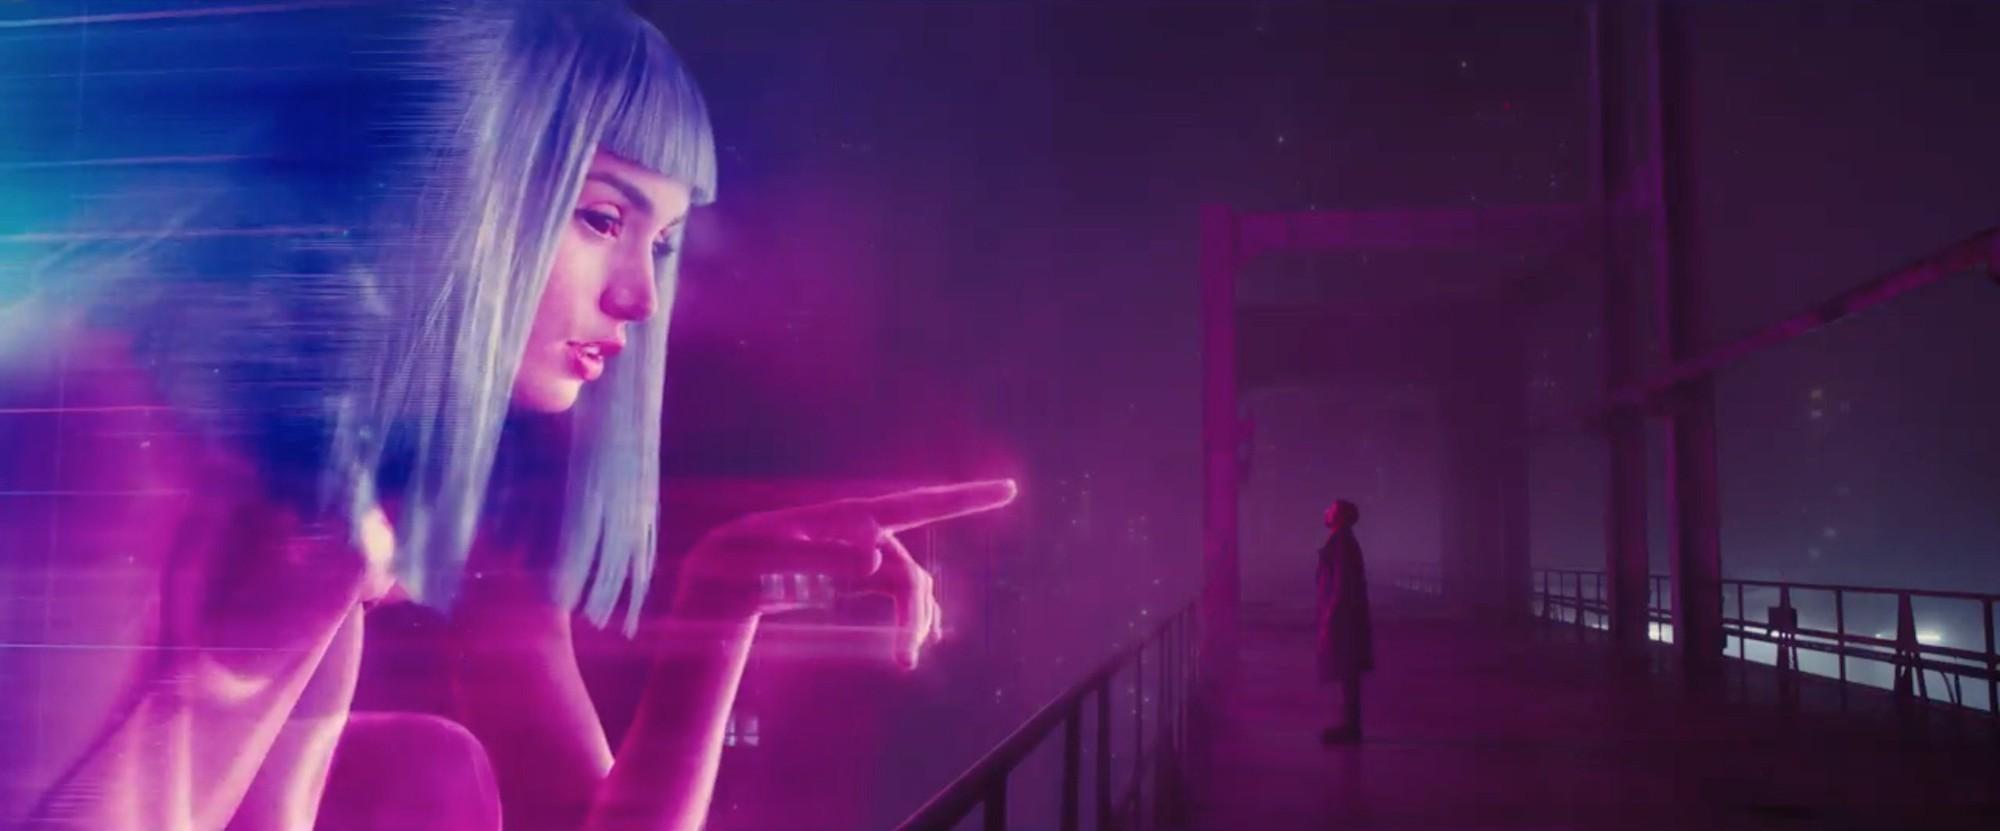 Blade Runner 2049 - Khi tình yêu của trí tuệ nhân tạo trở nên chân thật hơn bao giờ hết - Ảnh 2.